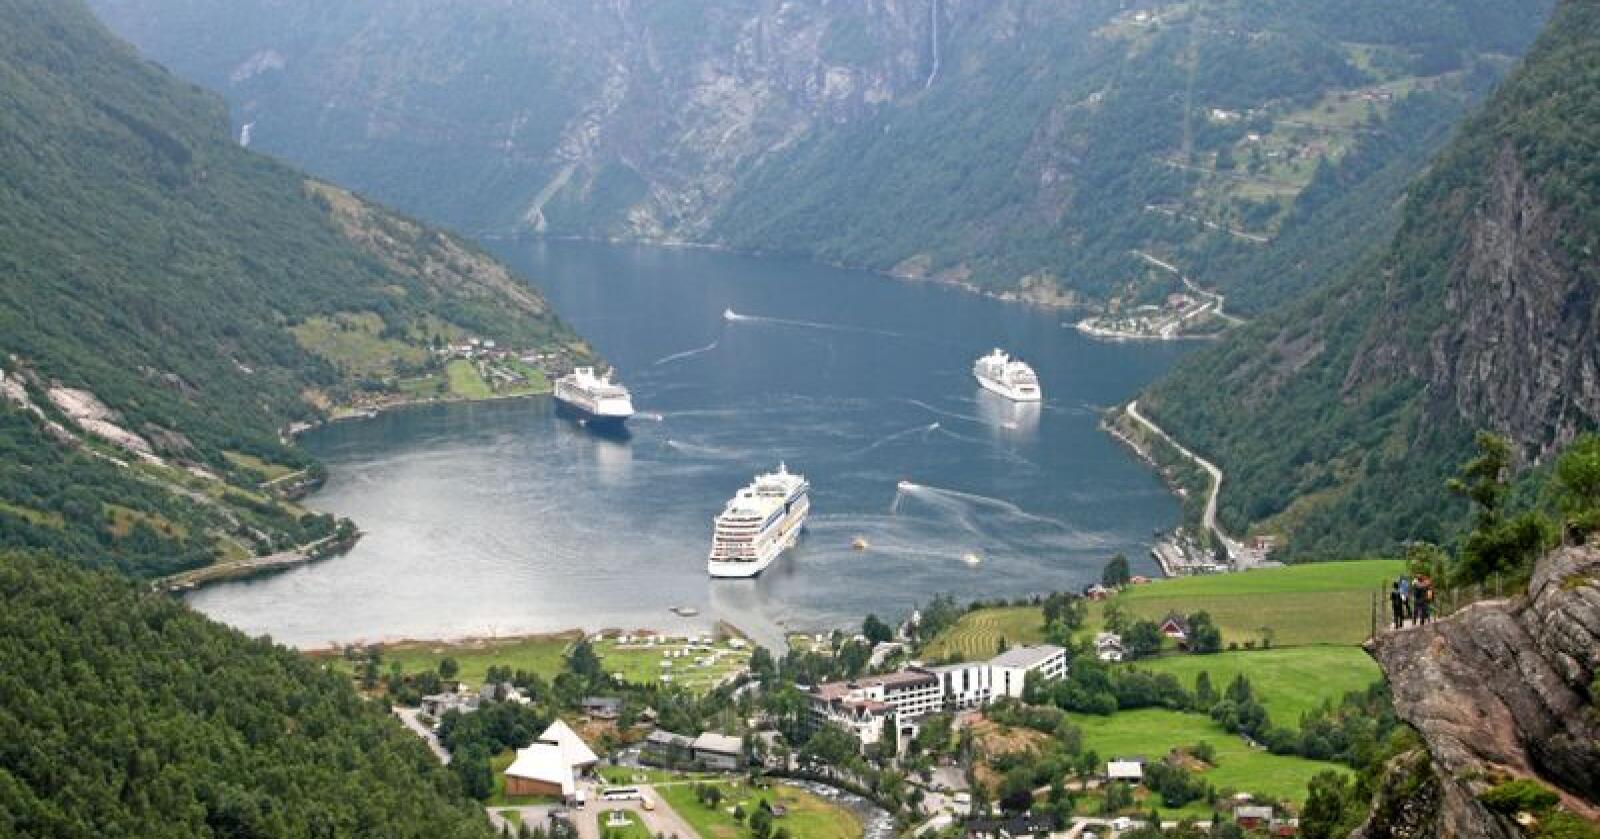 Oljemarinert: Folk og landskap i Geiranger får oljerøya og glaning frå turistane. Foto: Bjarne B. Aase